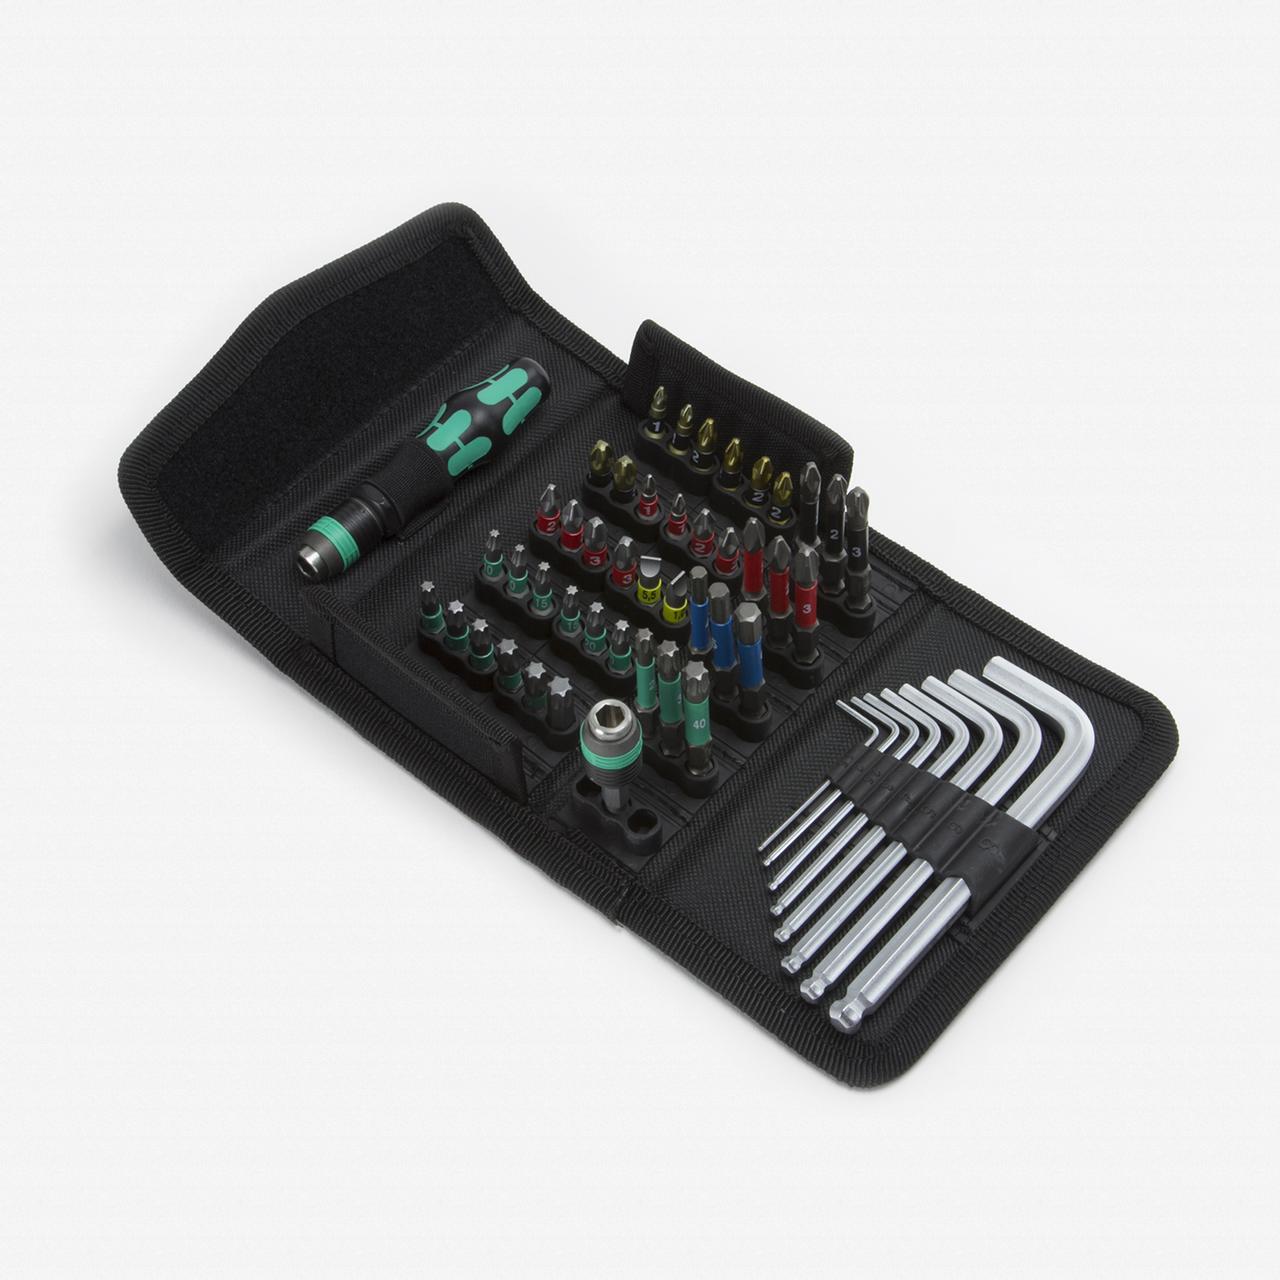 Wera 057460 Kraftform Kompakt 100 Set - KC Tool